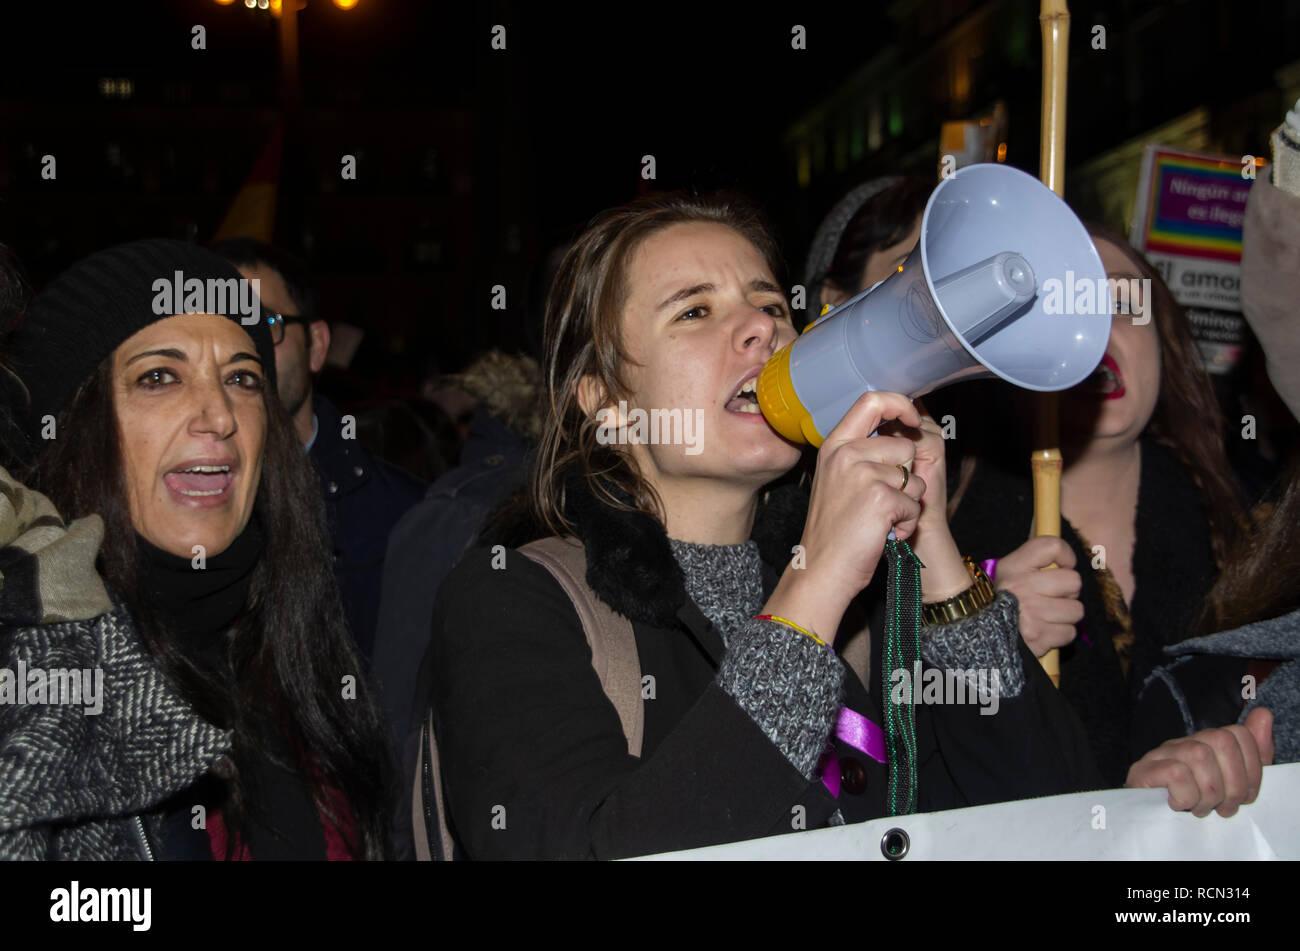 """Madrid, España. El 15 de enero de 2019. Miles de mujeres se reunieron en la Puerta del Sol, la plaza central de Madrid, para protestar contra las propuestas del partido de derechas VOX para finalizar con algunas leyes que prevén la igualdad de género en España. Se organizaron protestas durante toda la jornada en diferentes ciudades españolas bajo el lema """"Ni un paso atrás"""", que significa """"ningún paso atrás"""". En la imagen de la mujer protestando airadamente. Crédito: Lora Grigorova/Alamy Live News Imagen De Stock"""